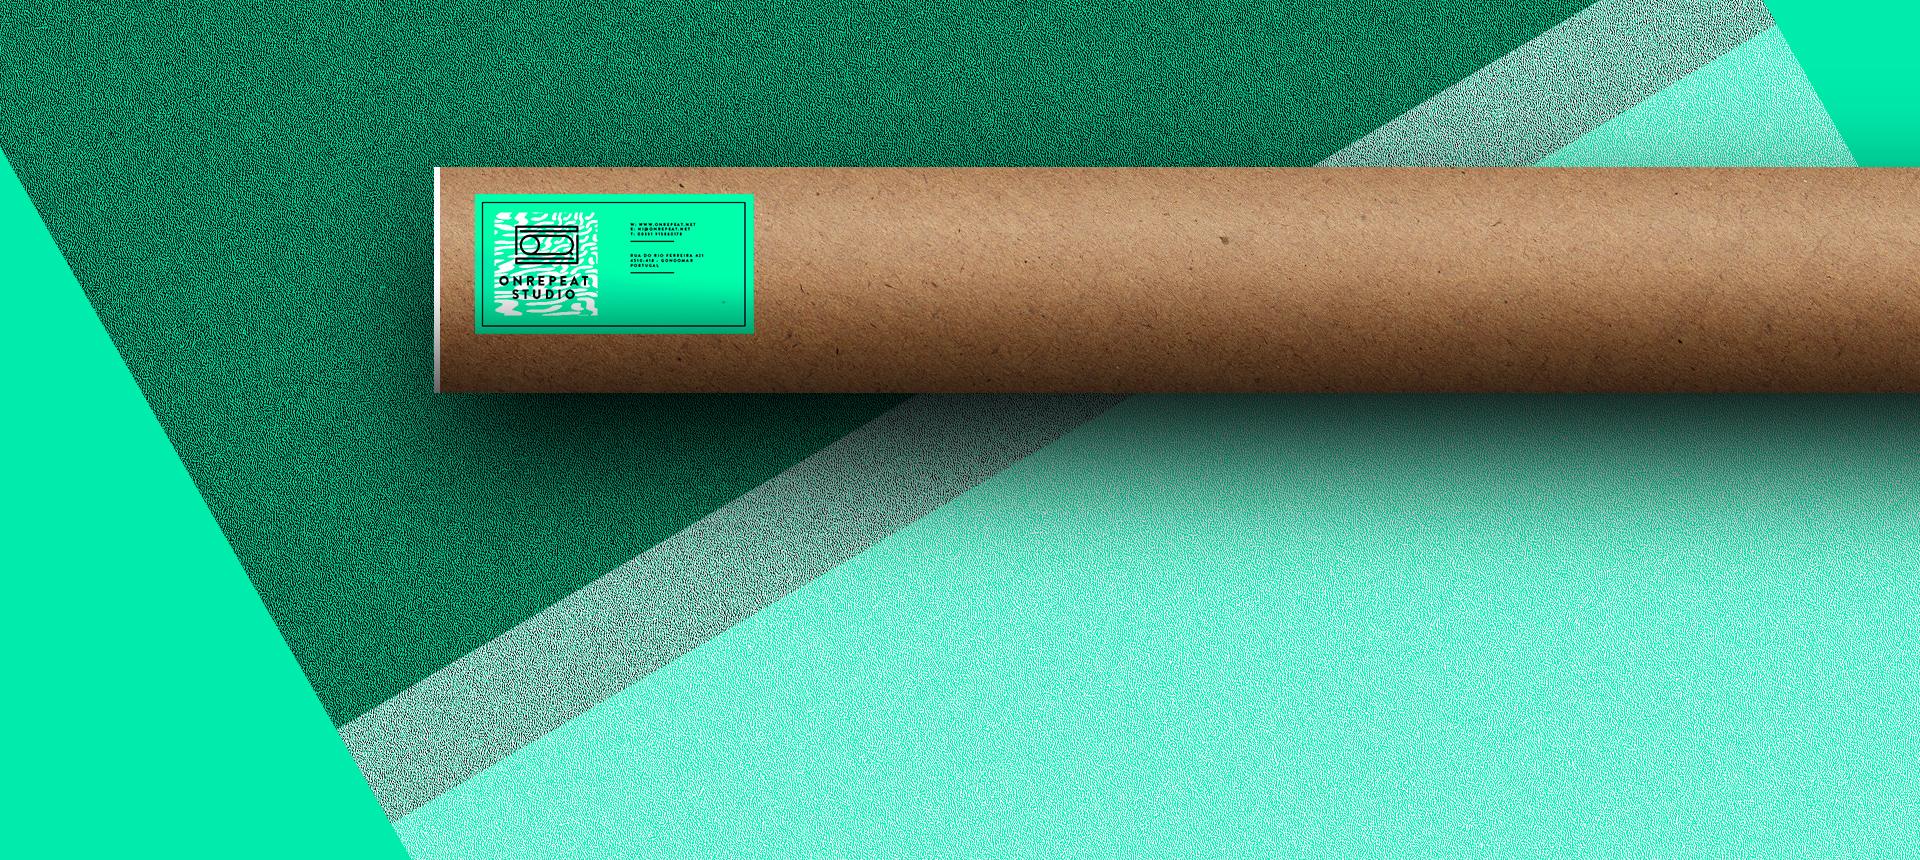 paper_tube